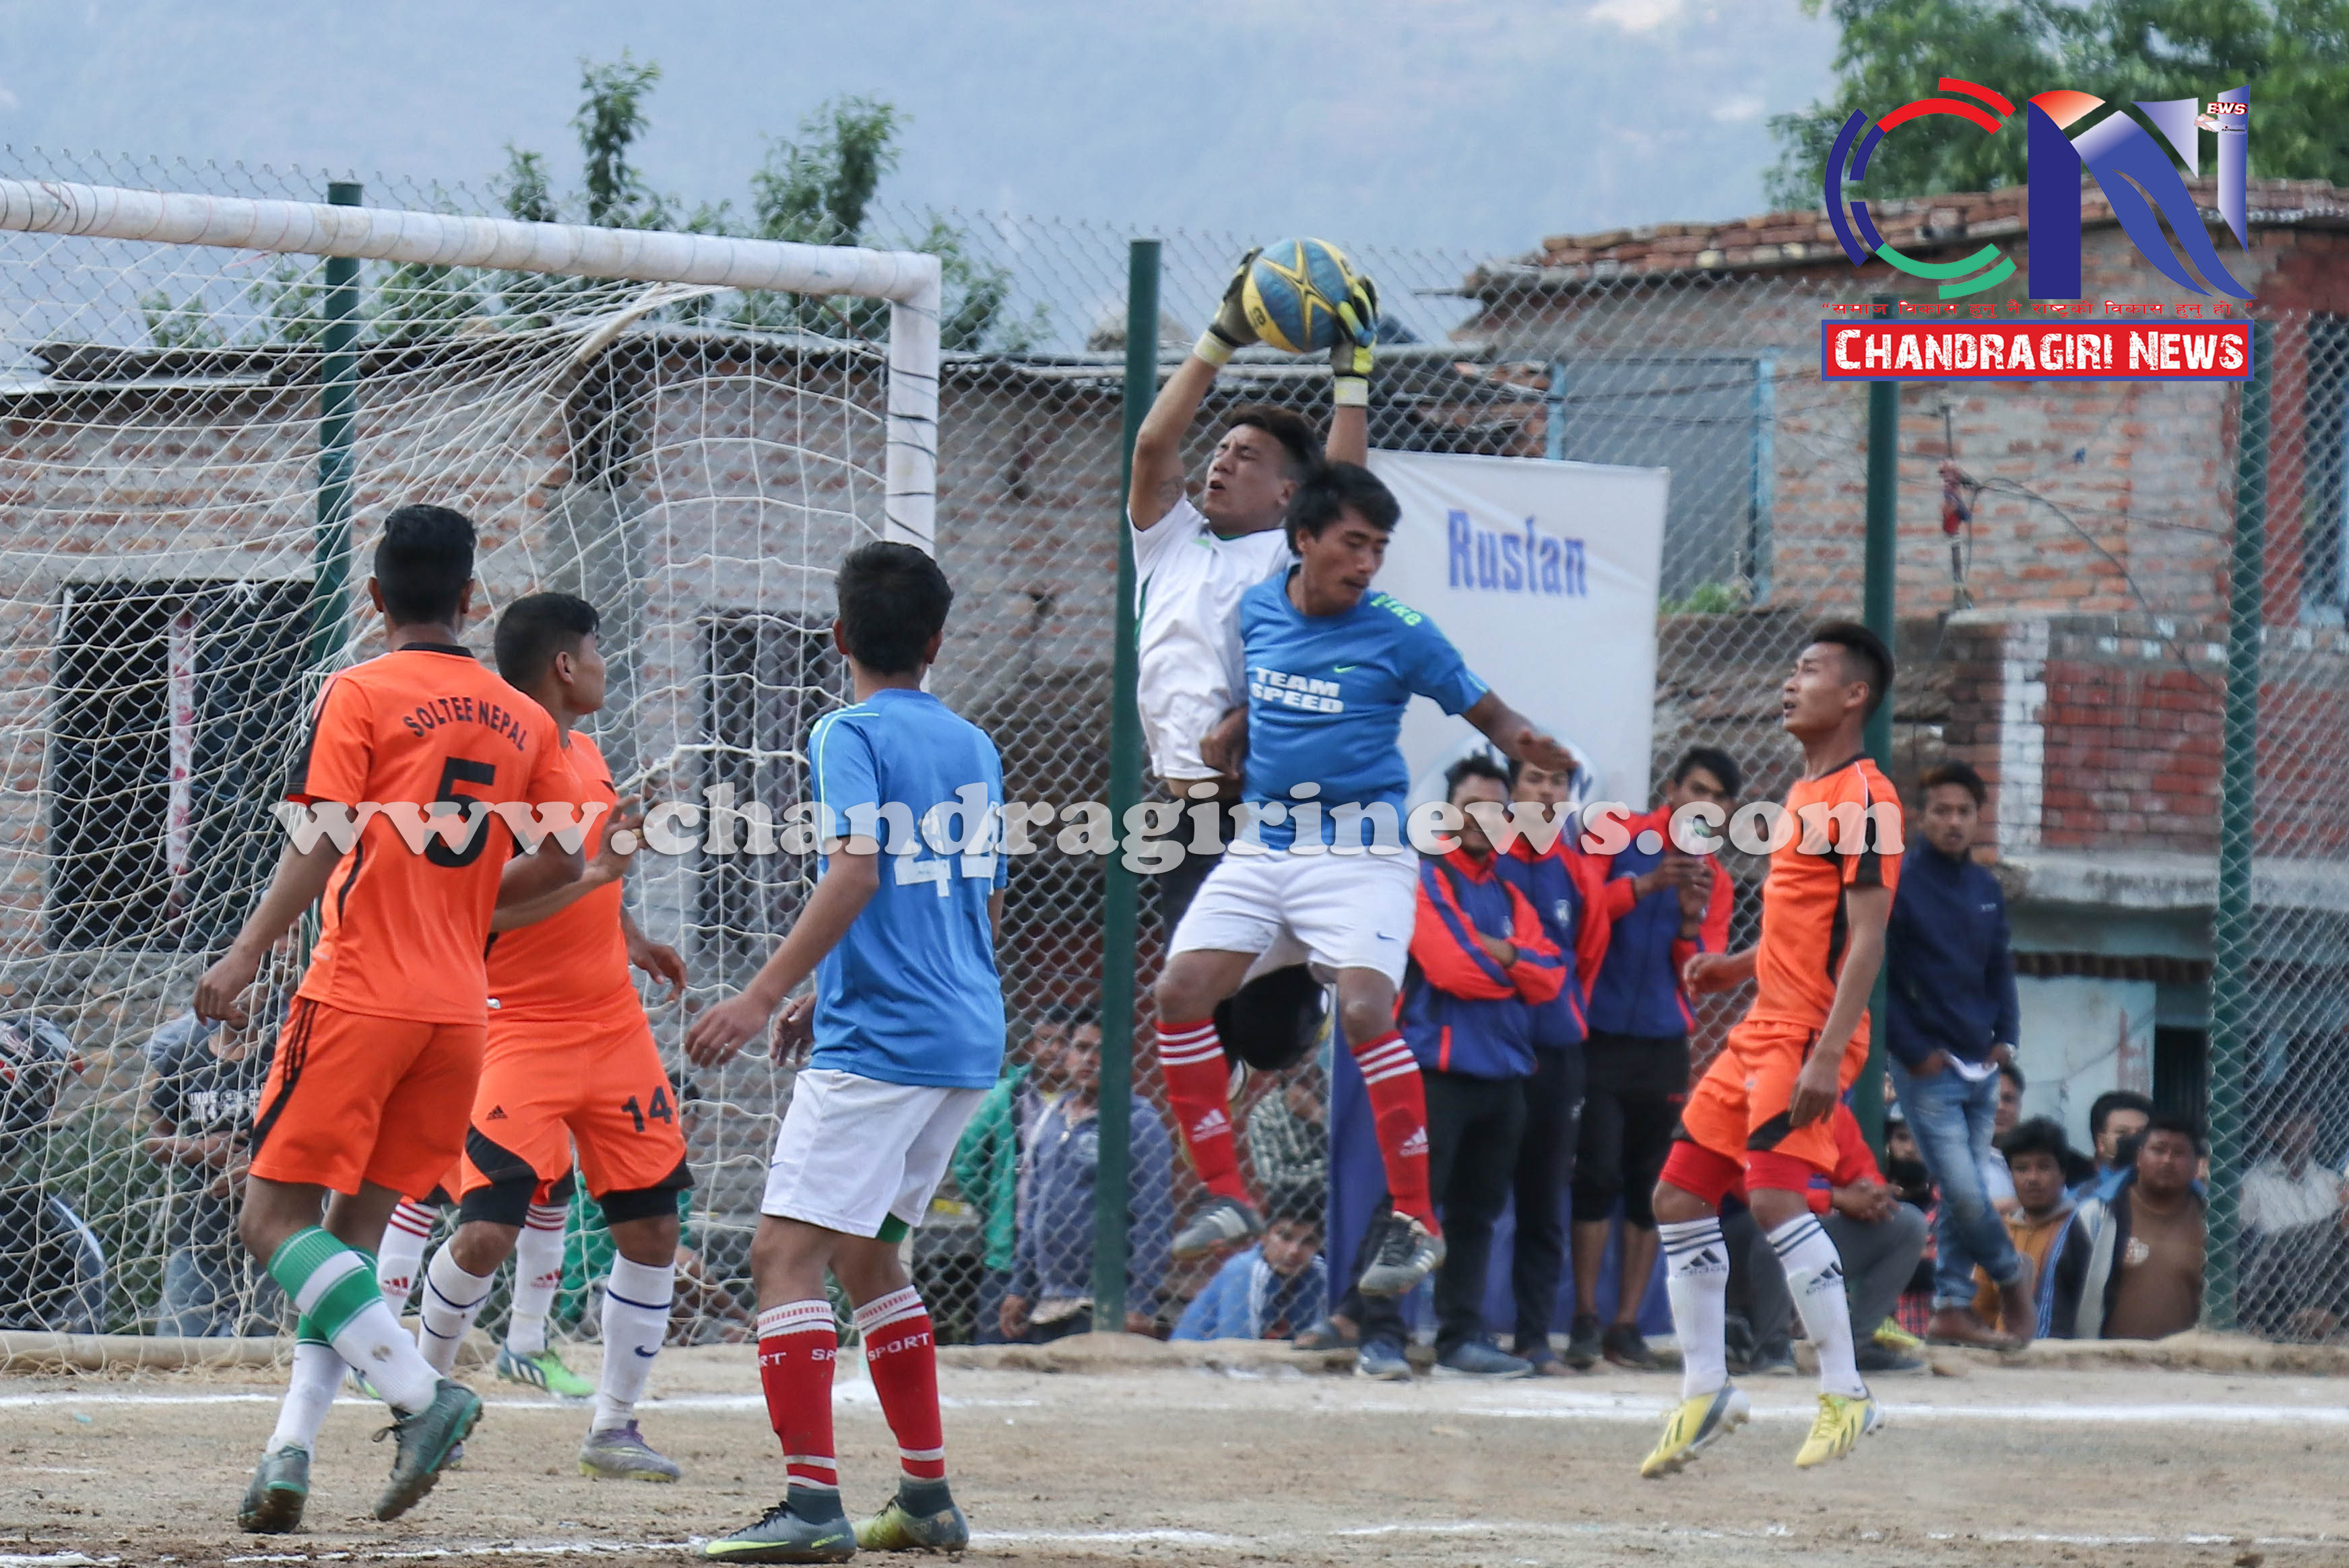 Chandragirinews western-united-final-2 नेपालय वइस्टर्न यूनाइटेड फुटबलको उपाधि टिम स्पिड न्यूरोडलाई खेलकुद ब्रेकिंग न्युज मुख्य    chandragiri